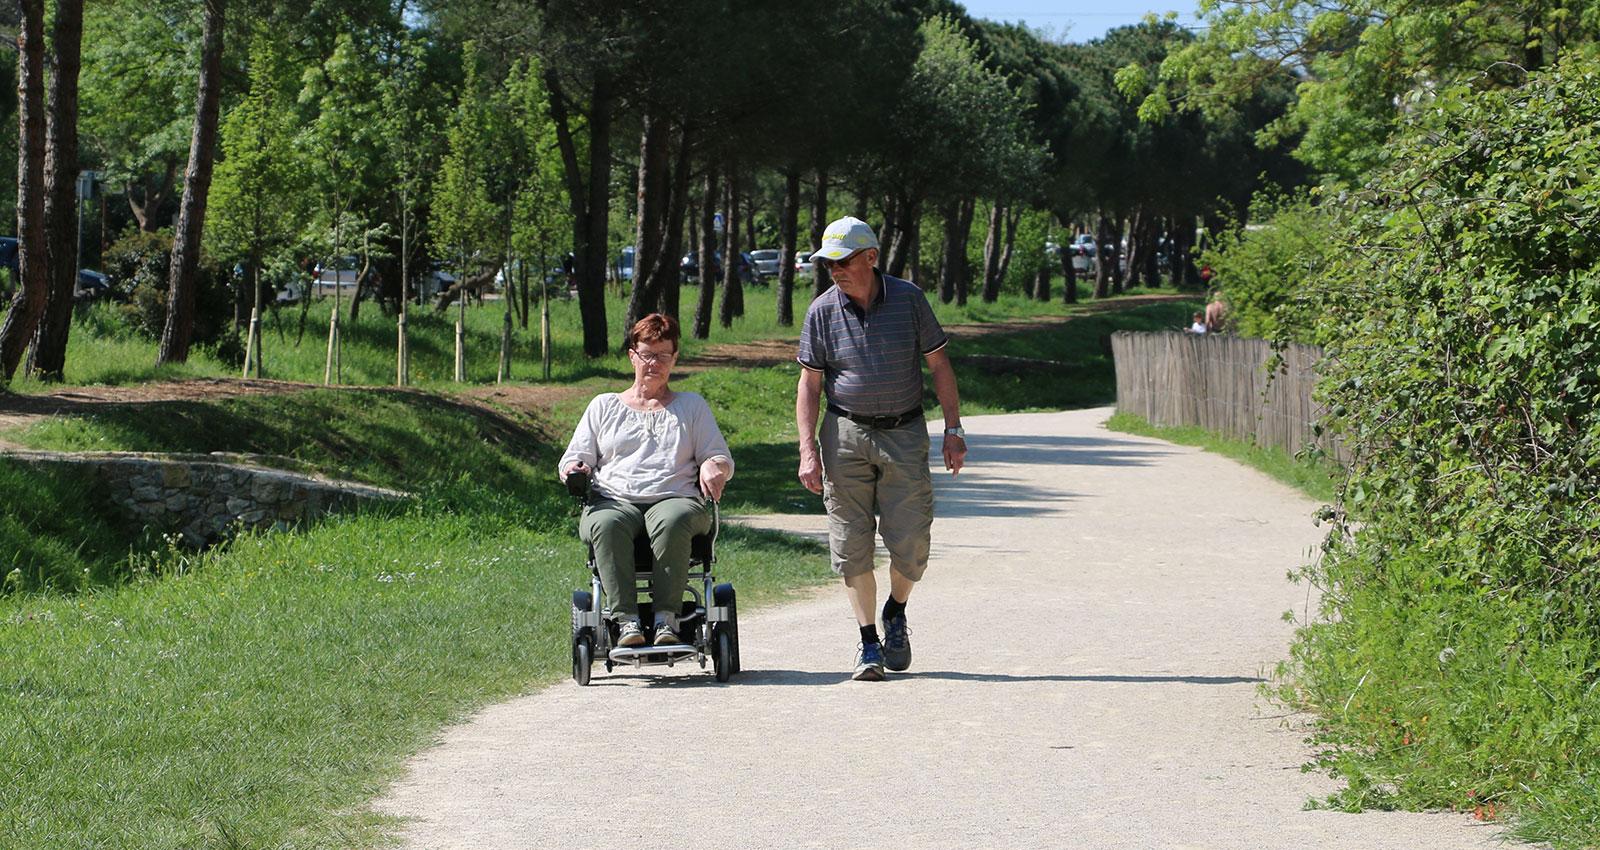 eloflex-hopfällbar-elrullstol-pensionärer-promenad-natur